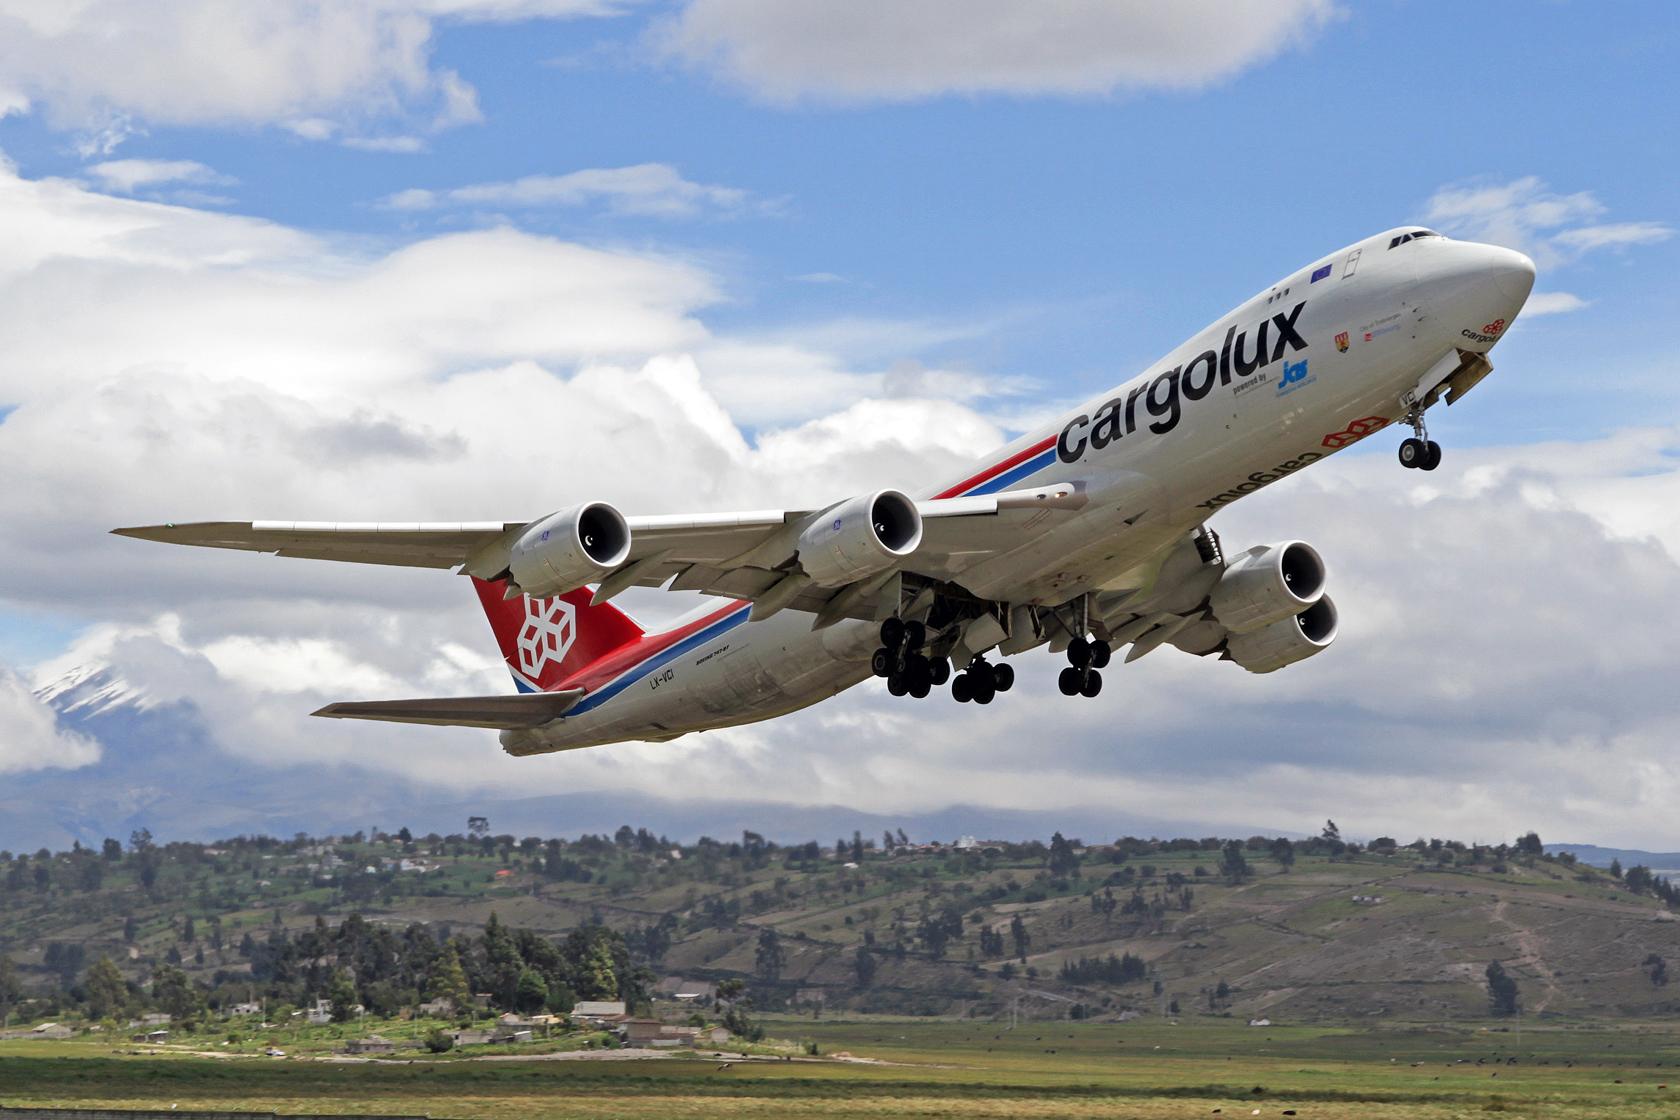 """Cargolux Boeing 747-8R7F LX-VCI """"City of Troisvierges"""" - Beladen mit Blumen geht's über BOG zurück nach LUX. Im Hintergrund ist der (leider wolkenverhangene) schneebedeckte Vulkan Cotopaxi zu sehen."""